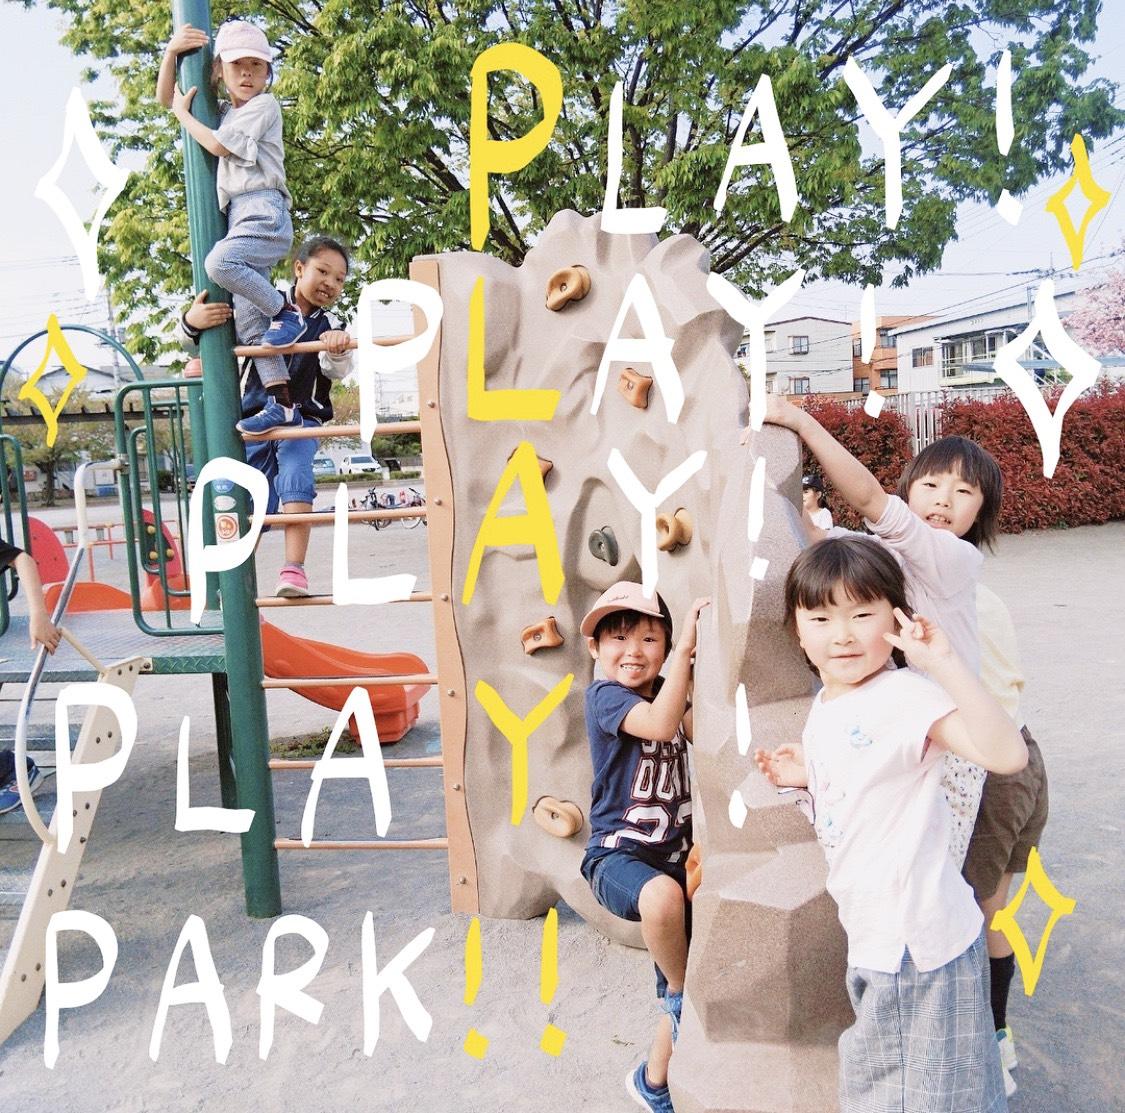 PLAY!駄菓子パーティー(*^-^*)